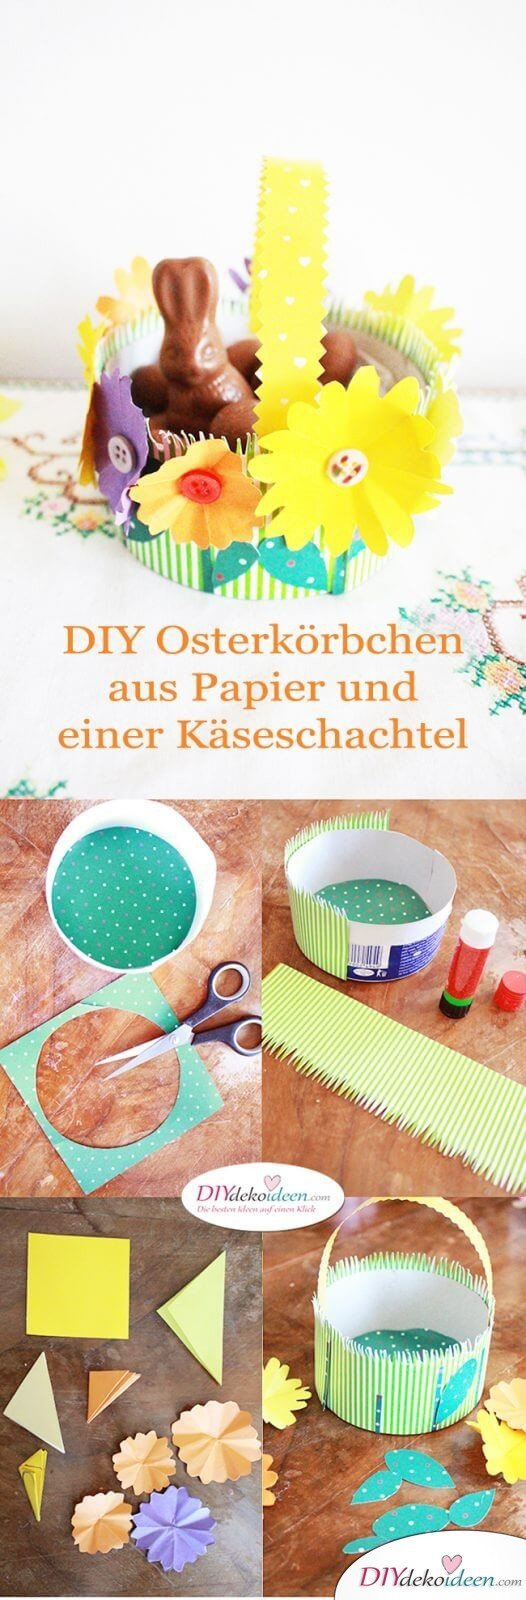 DIY Ideen - Osterkörbchen basteln mit Papier und einer Käseschachtel